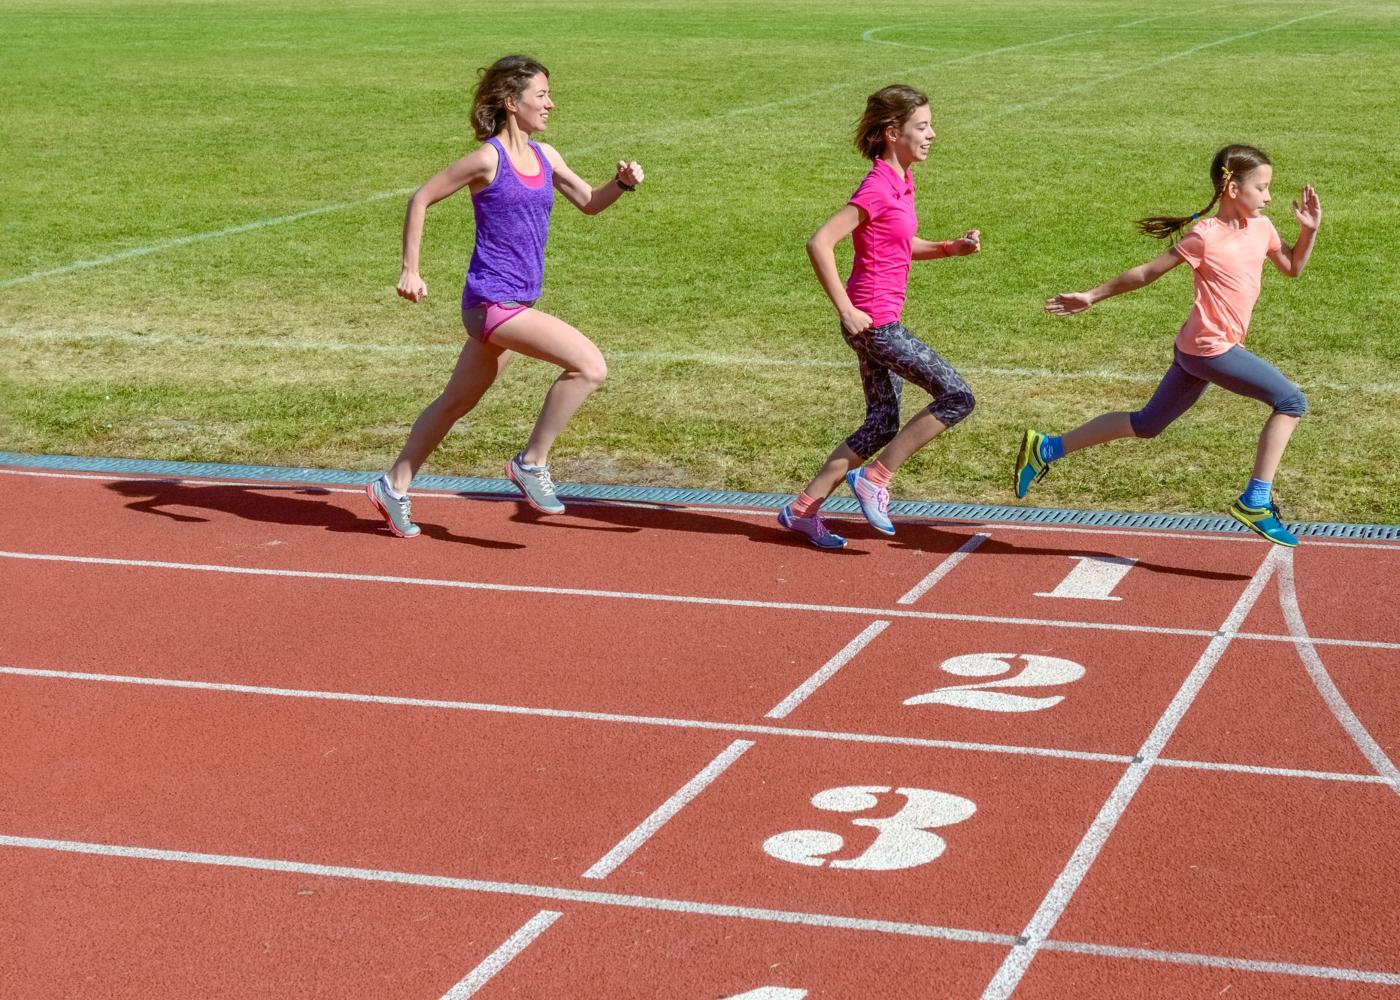 Crianças a correr numa pista de atletismo